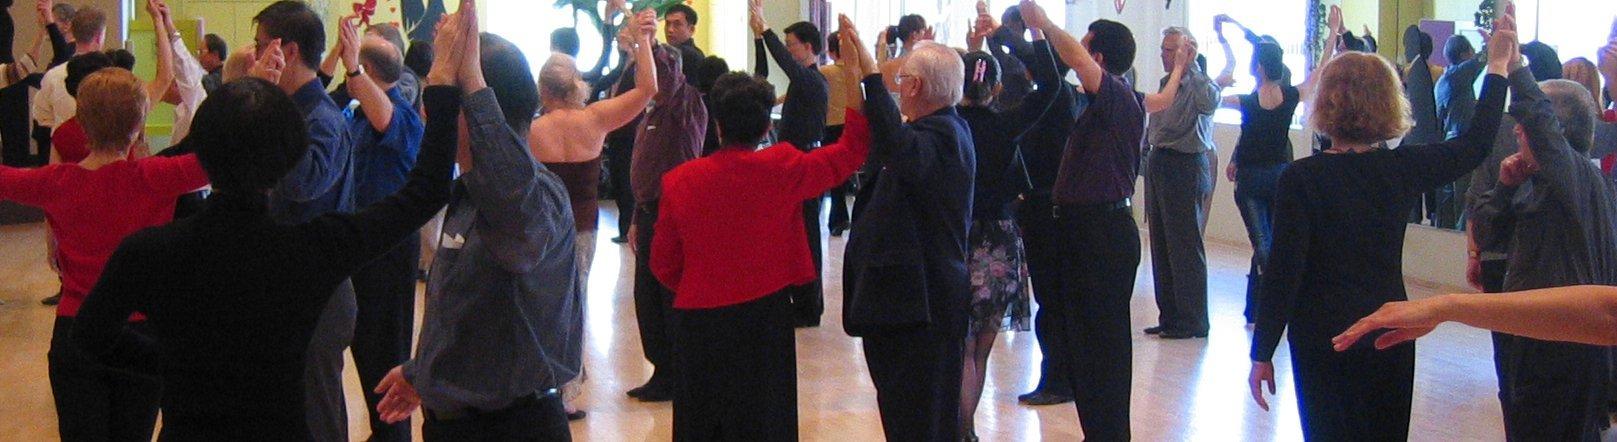 Vild med dans for alle nørgaards højskole glæde motion humør bevægelse 3